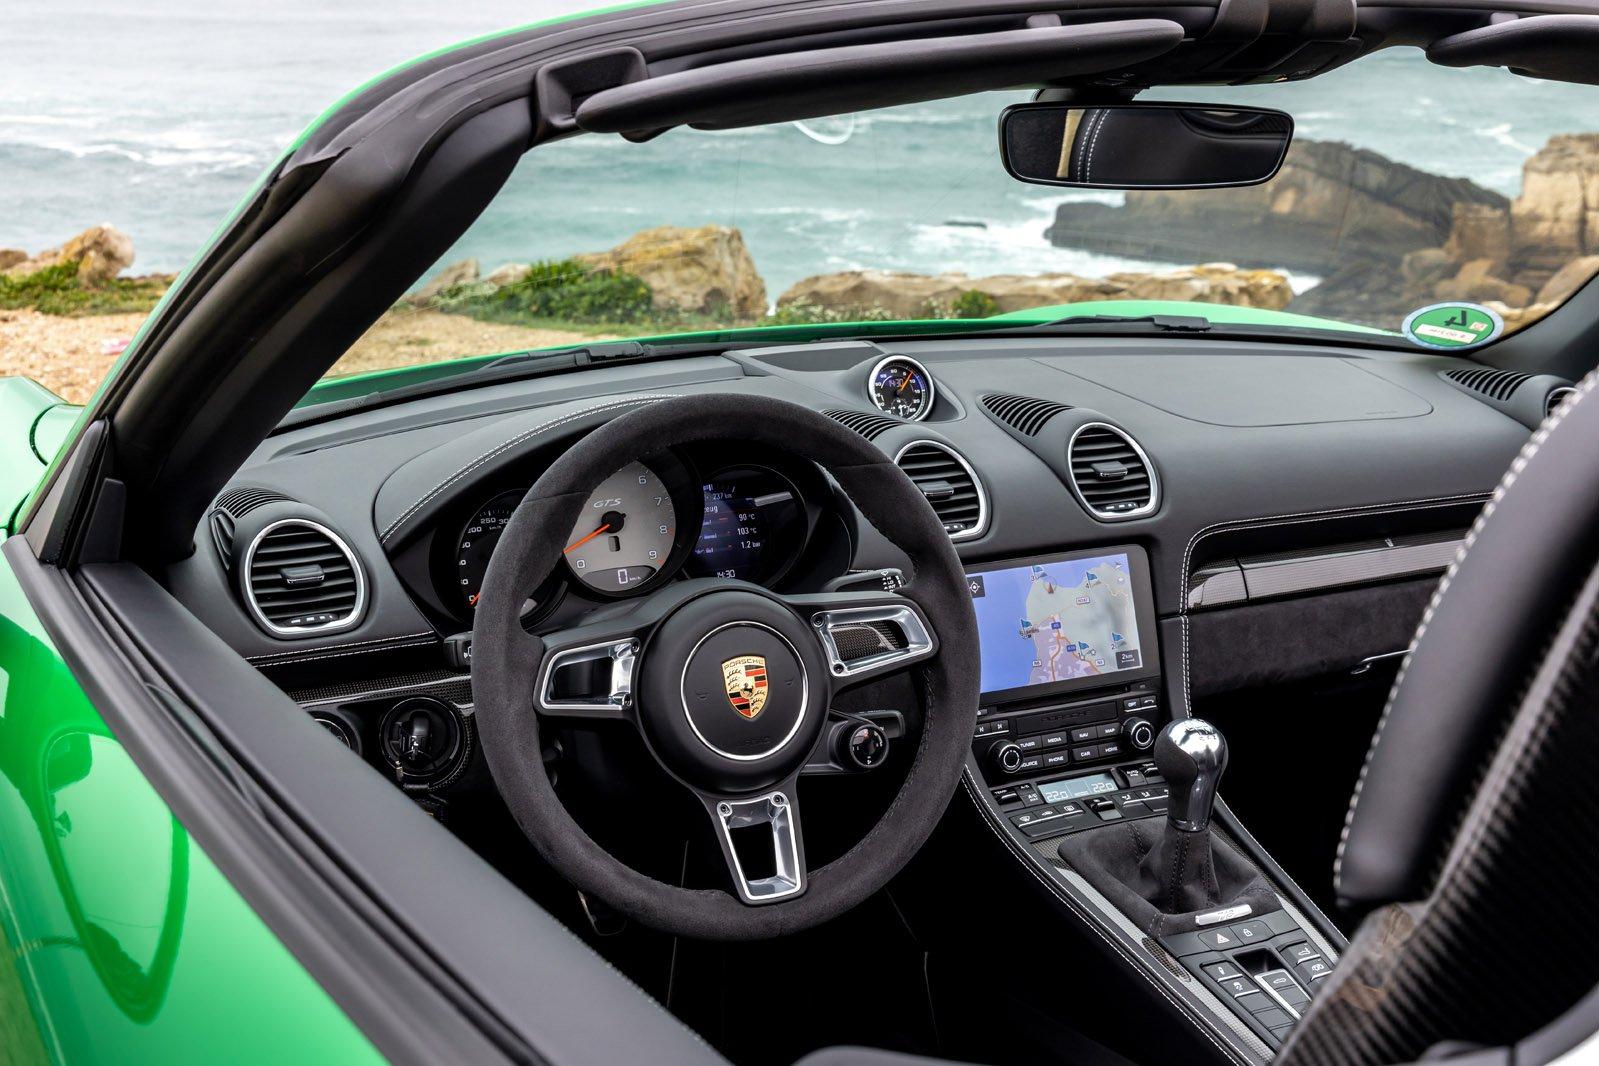 2020 Porsche 718 Boxster GTS interior